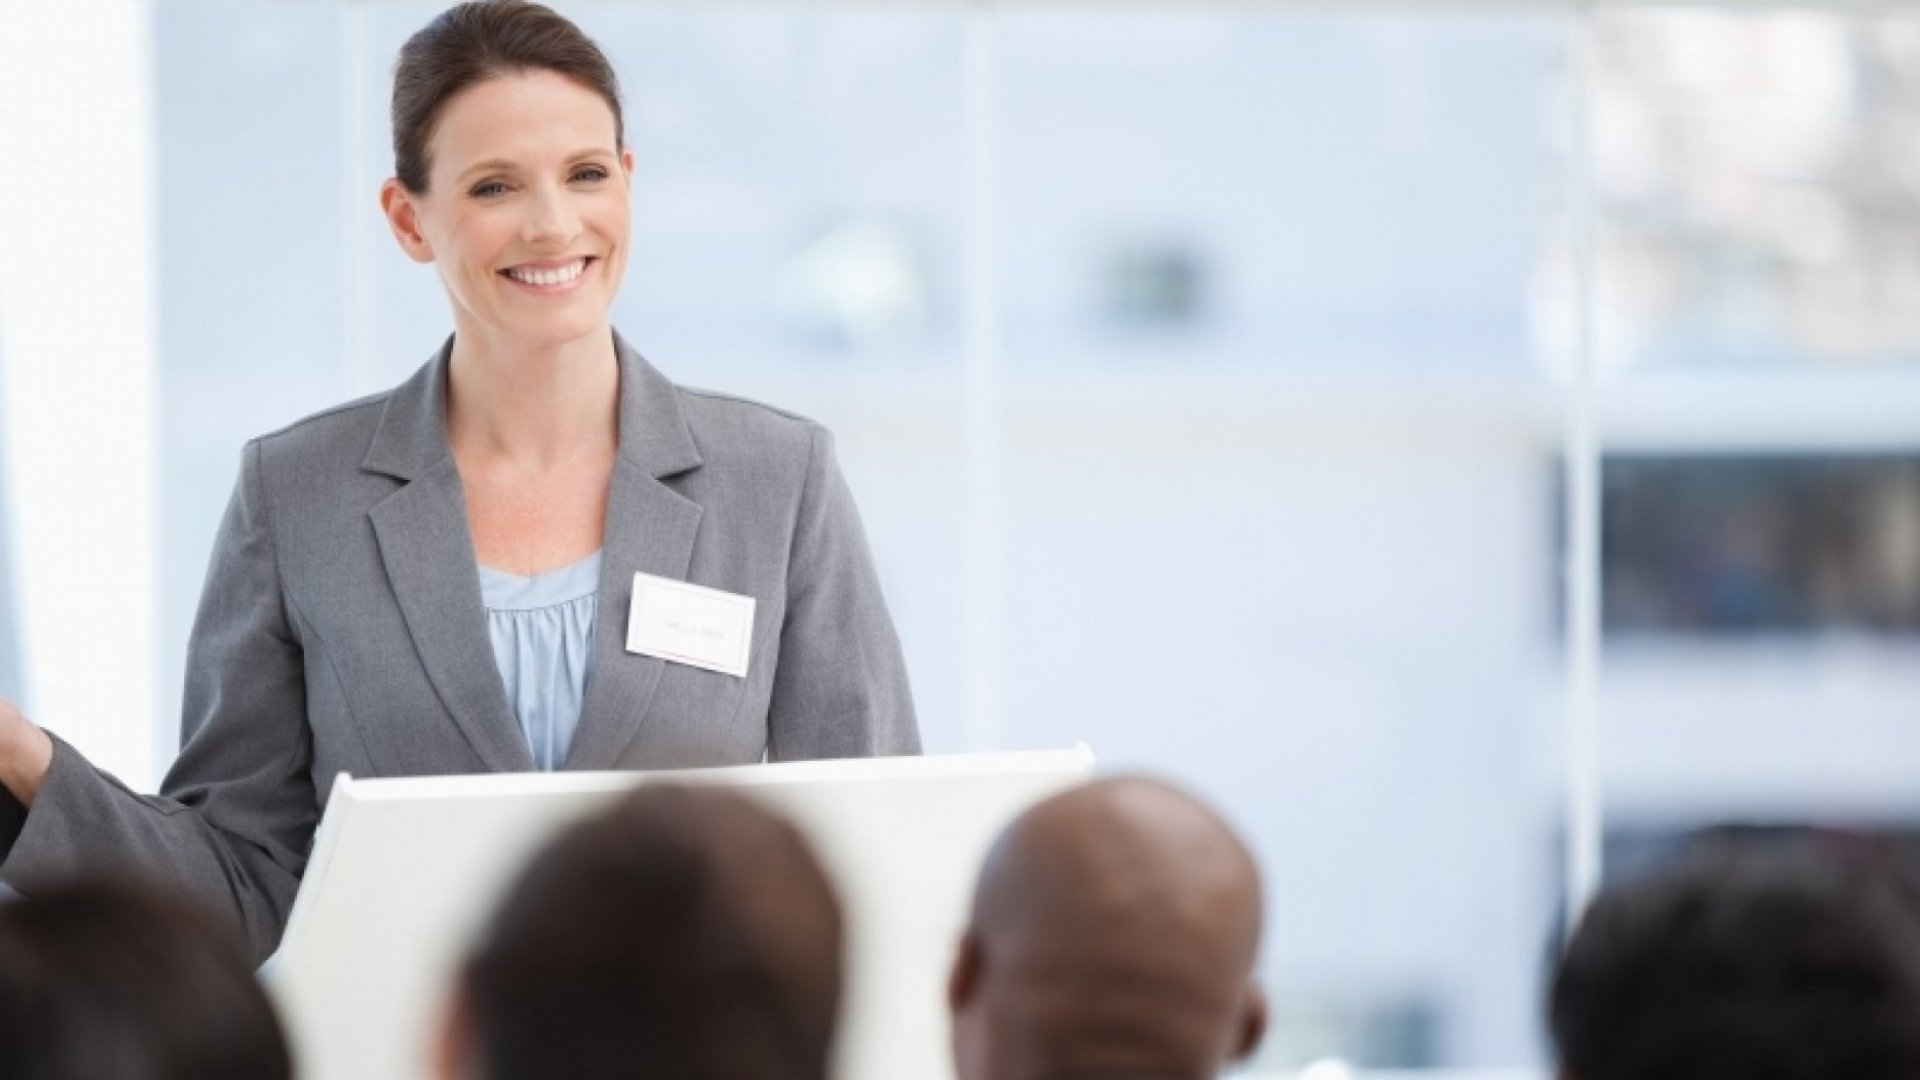 5 Secrets of Powerful Speakers